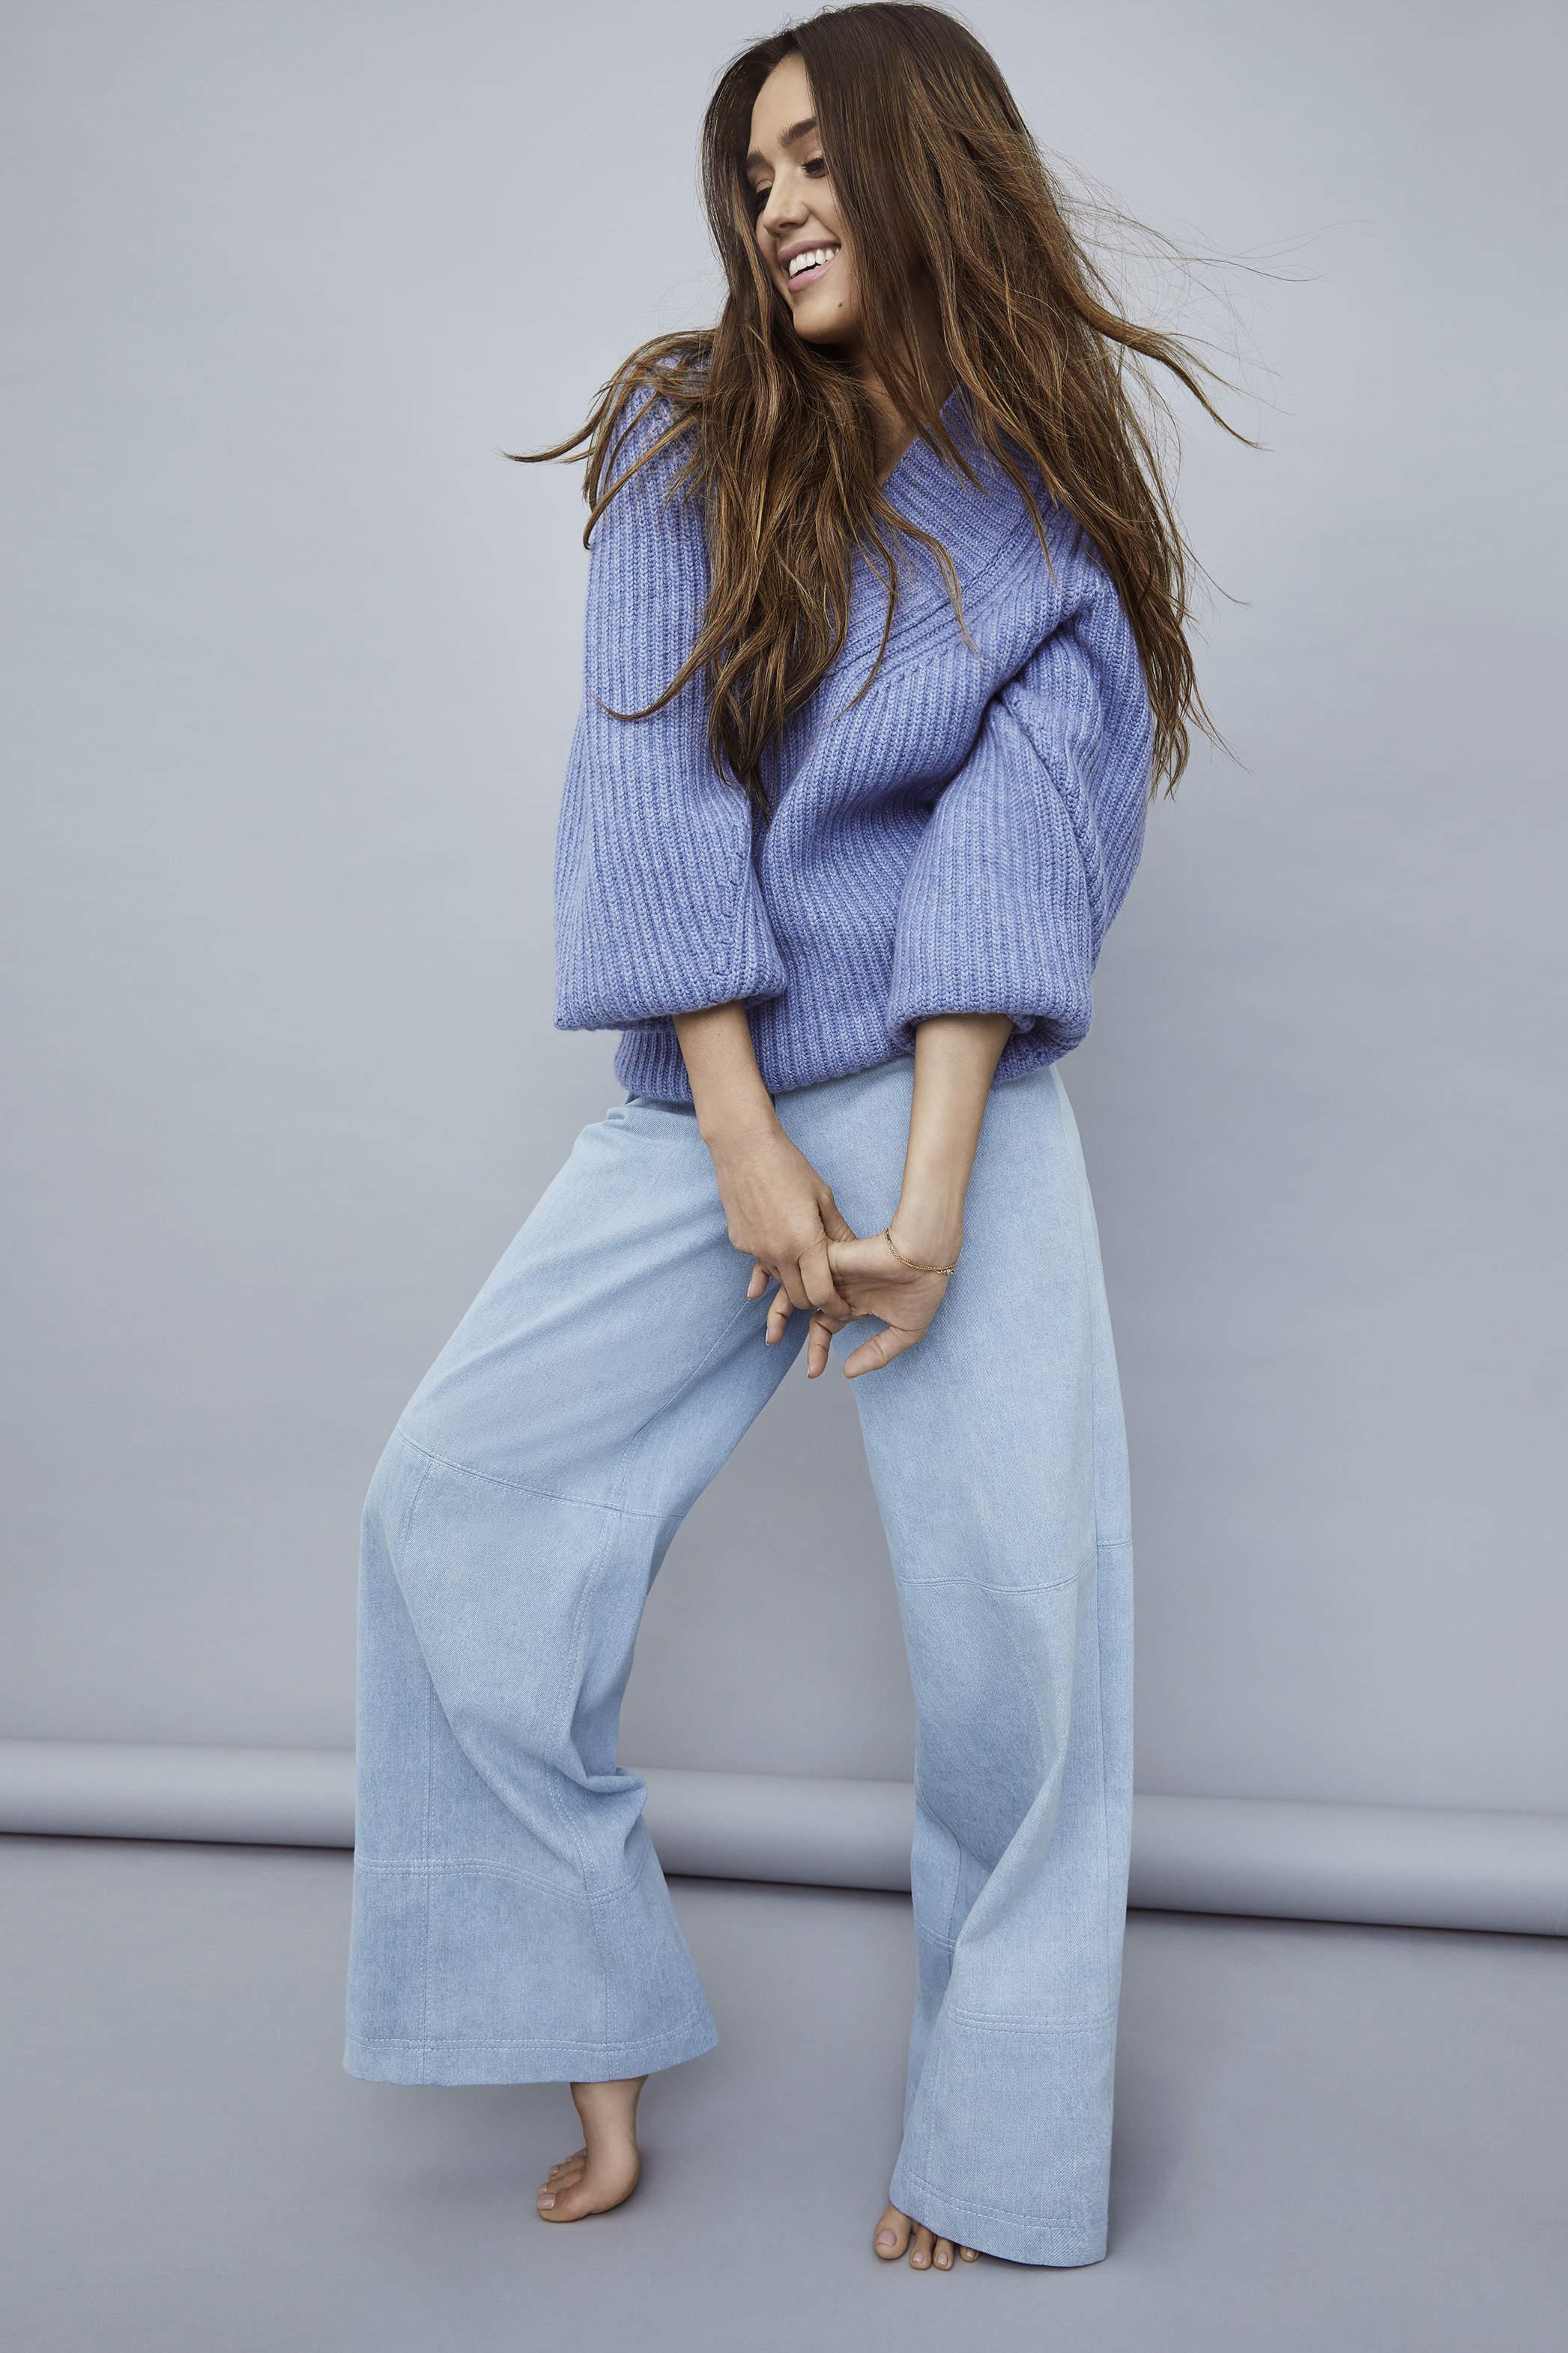 早上5点起床做瑜珈,时尚女星杰西卡·阿尔芭企业家的蜕变